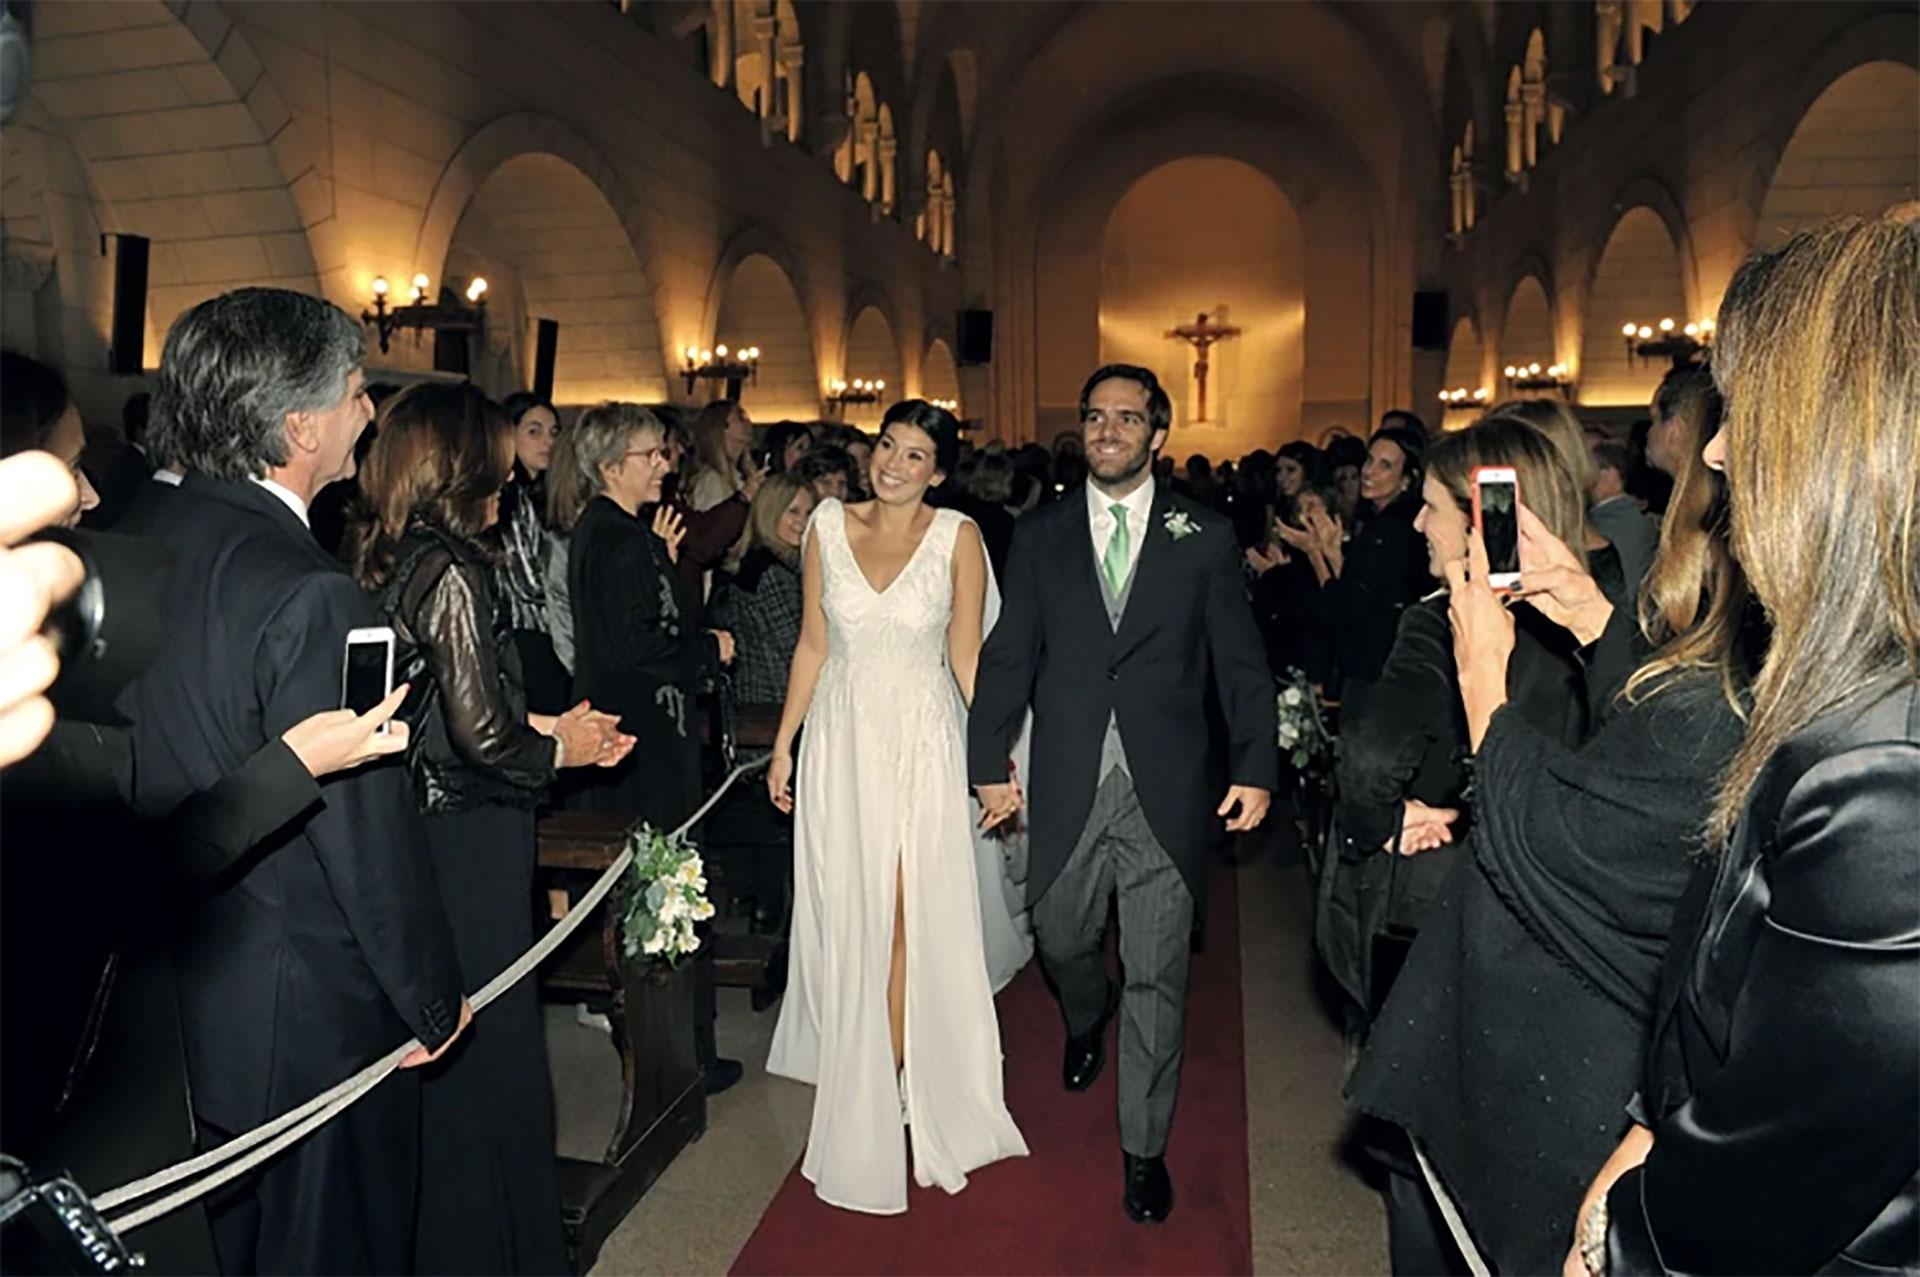 El hermano del actor Peter Lanzani y ex rugbier de Alumni se casó con Julia en la parroquia Santa Elena del barrio de Palermo. El momento más emotivo sucedió cuando las madres de los novios se acercaron al altar con los anillos. Peter, por su parte, les ofreció unas palabras que oscilaron entre la risa y la emoción.